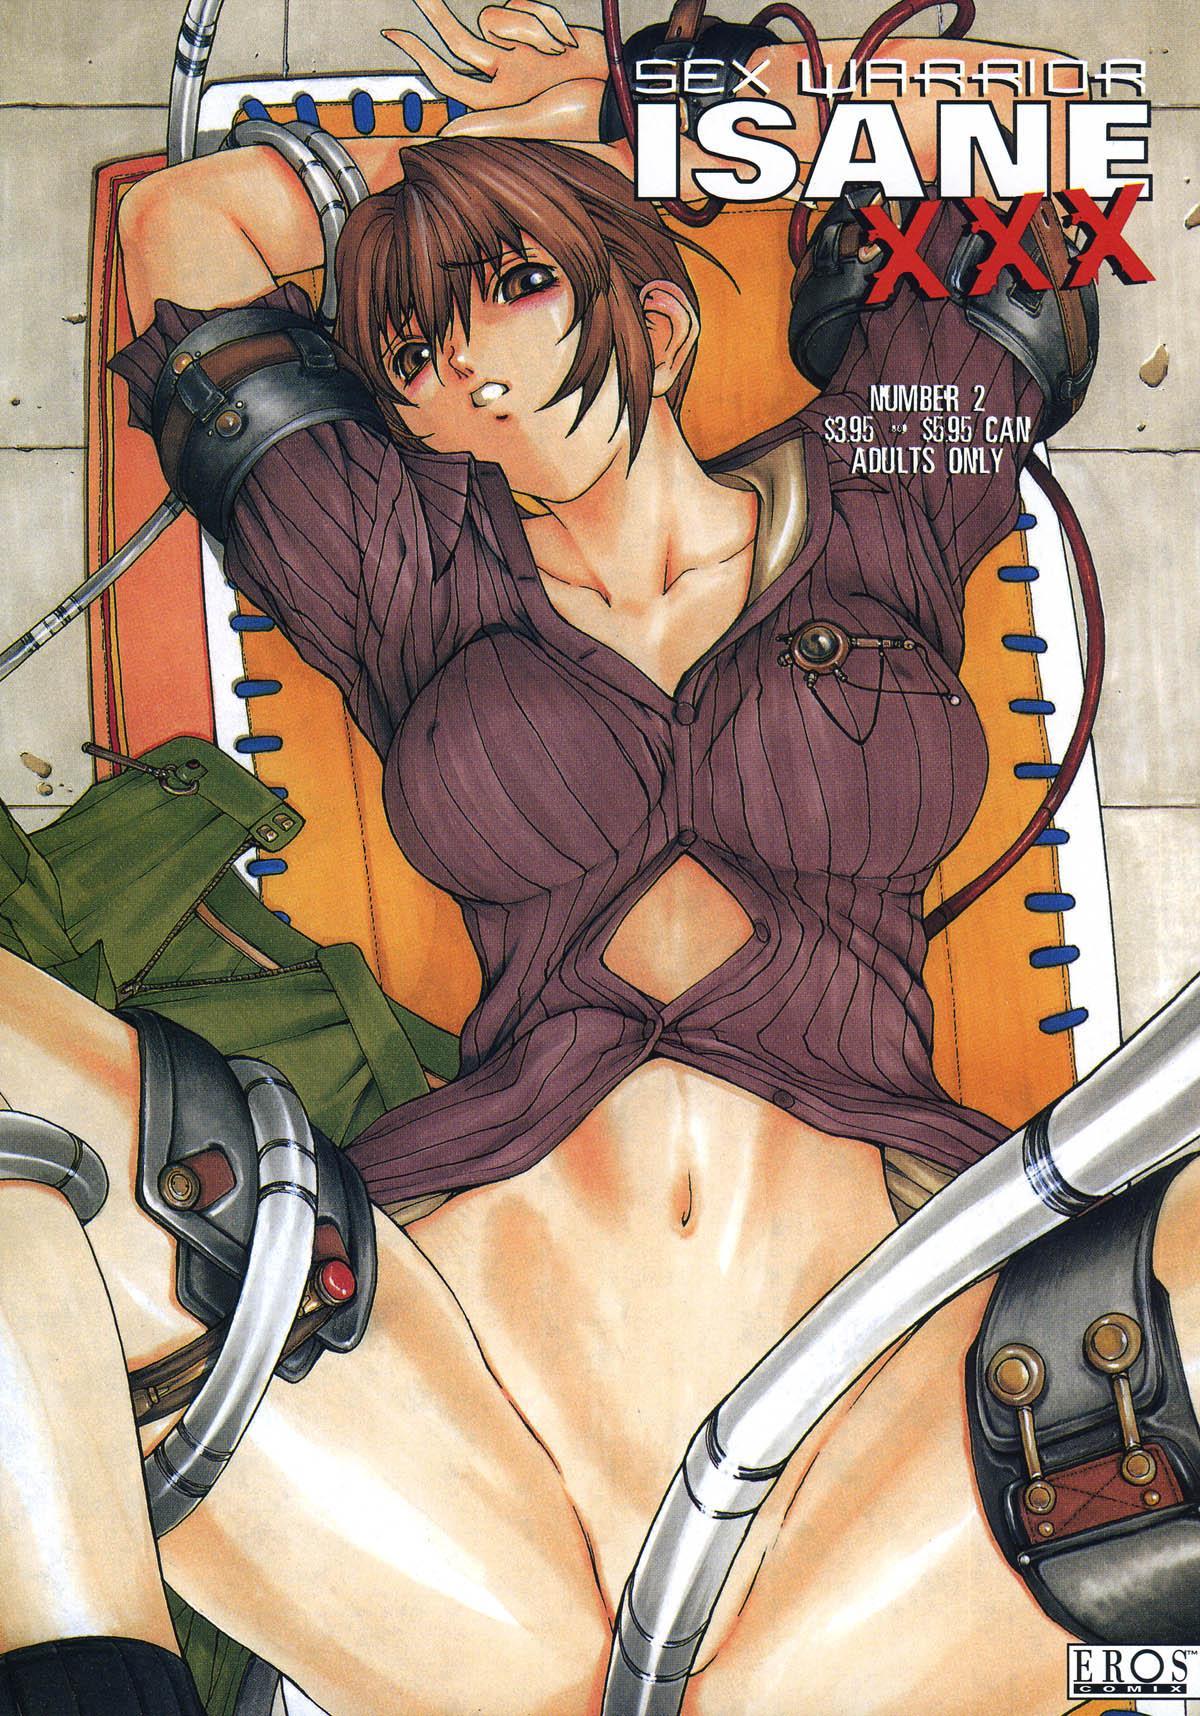 Sex Warrior Isane XXX #2 0